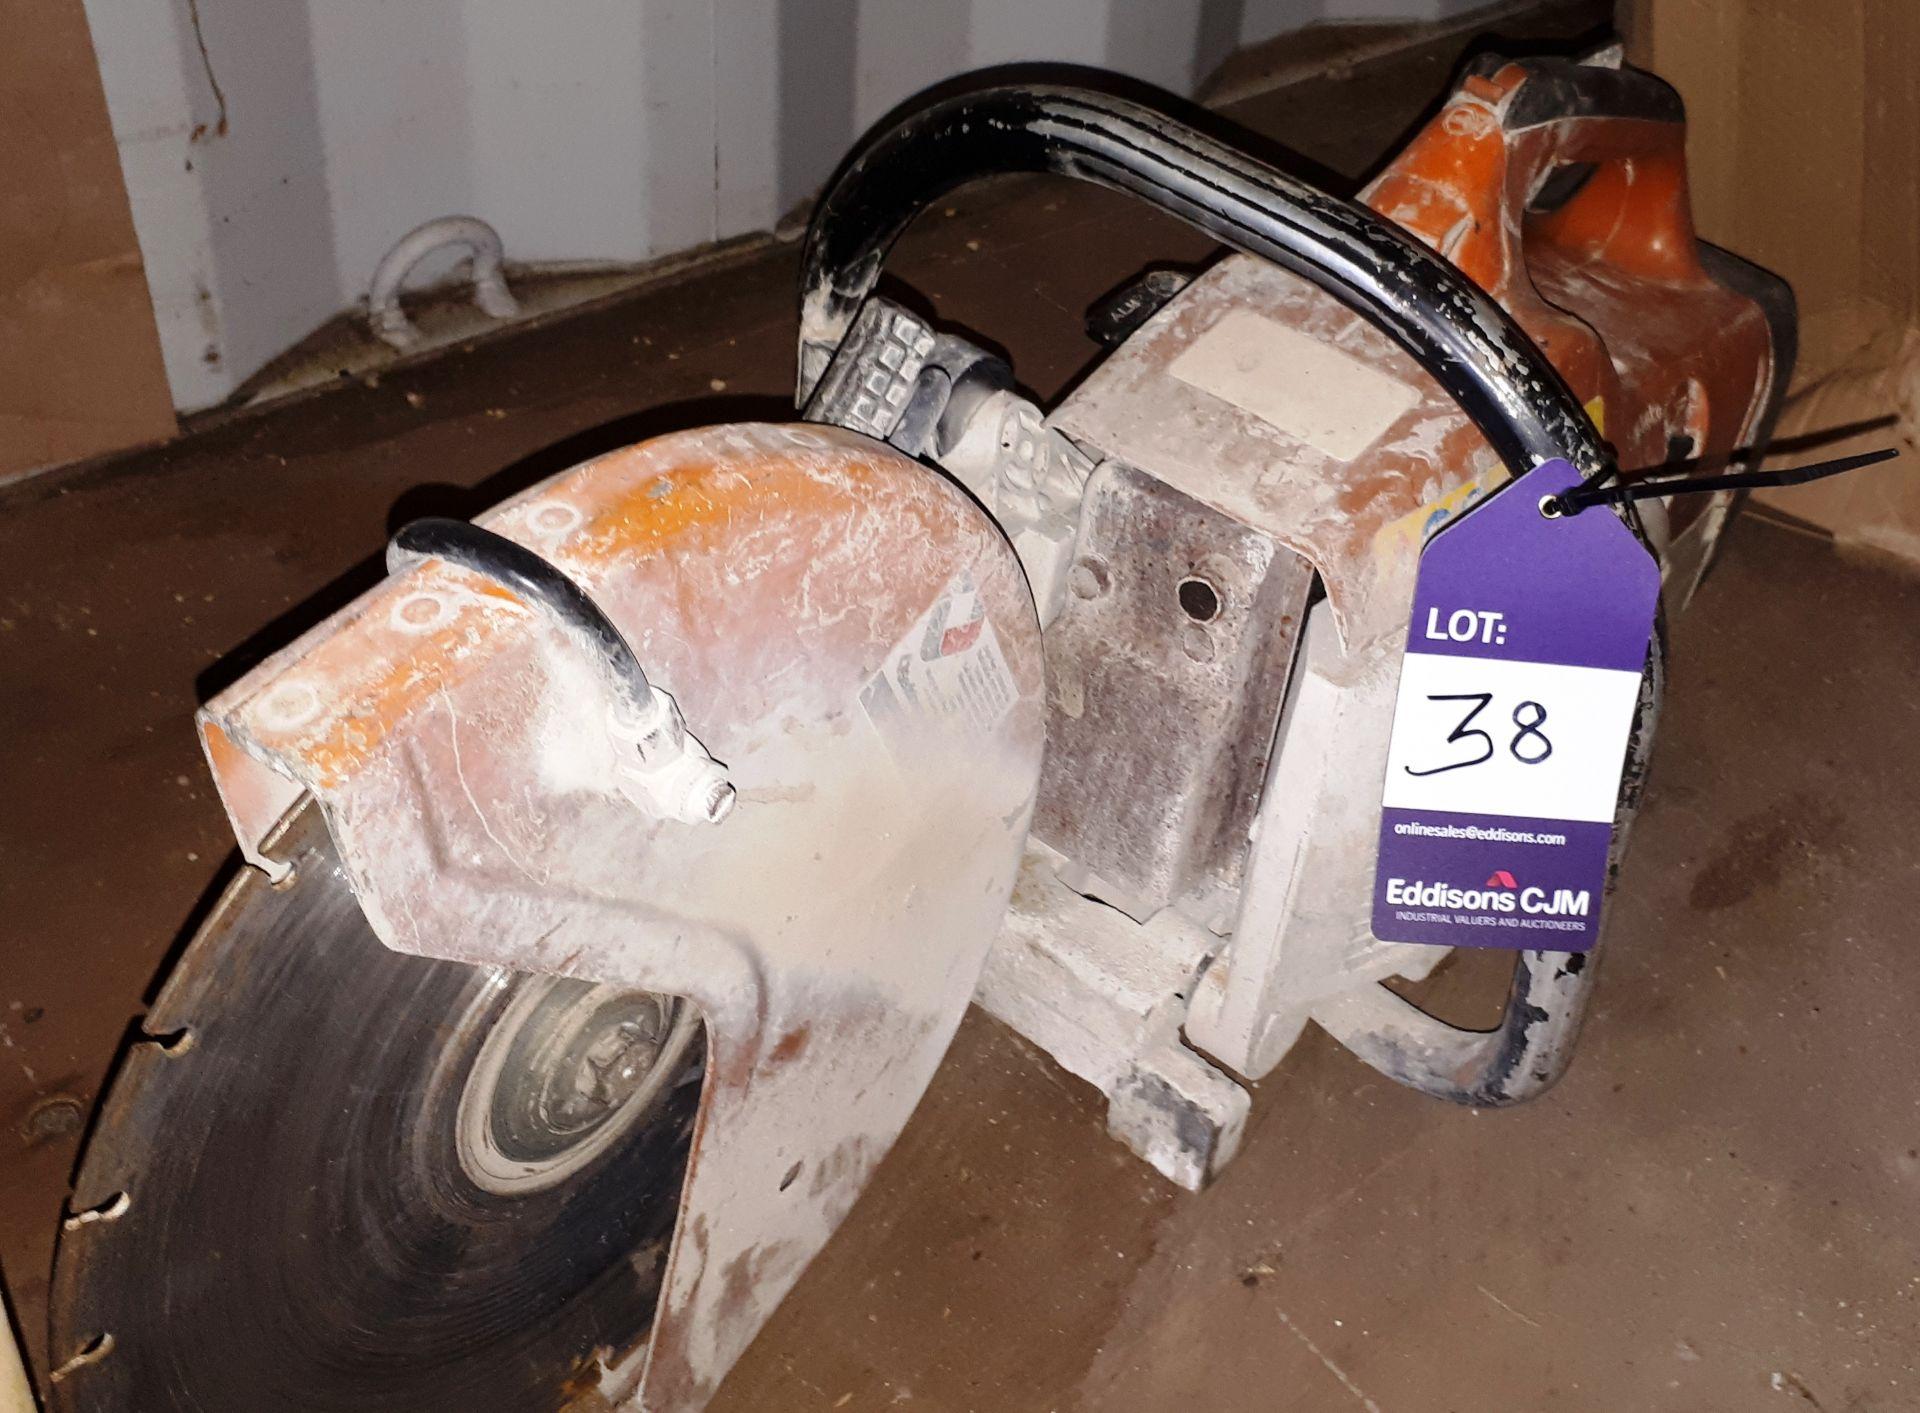 Los 38 - Stihl cut off saw